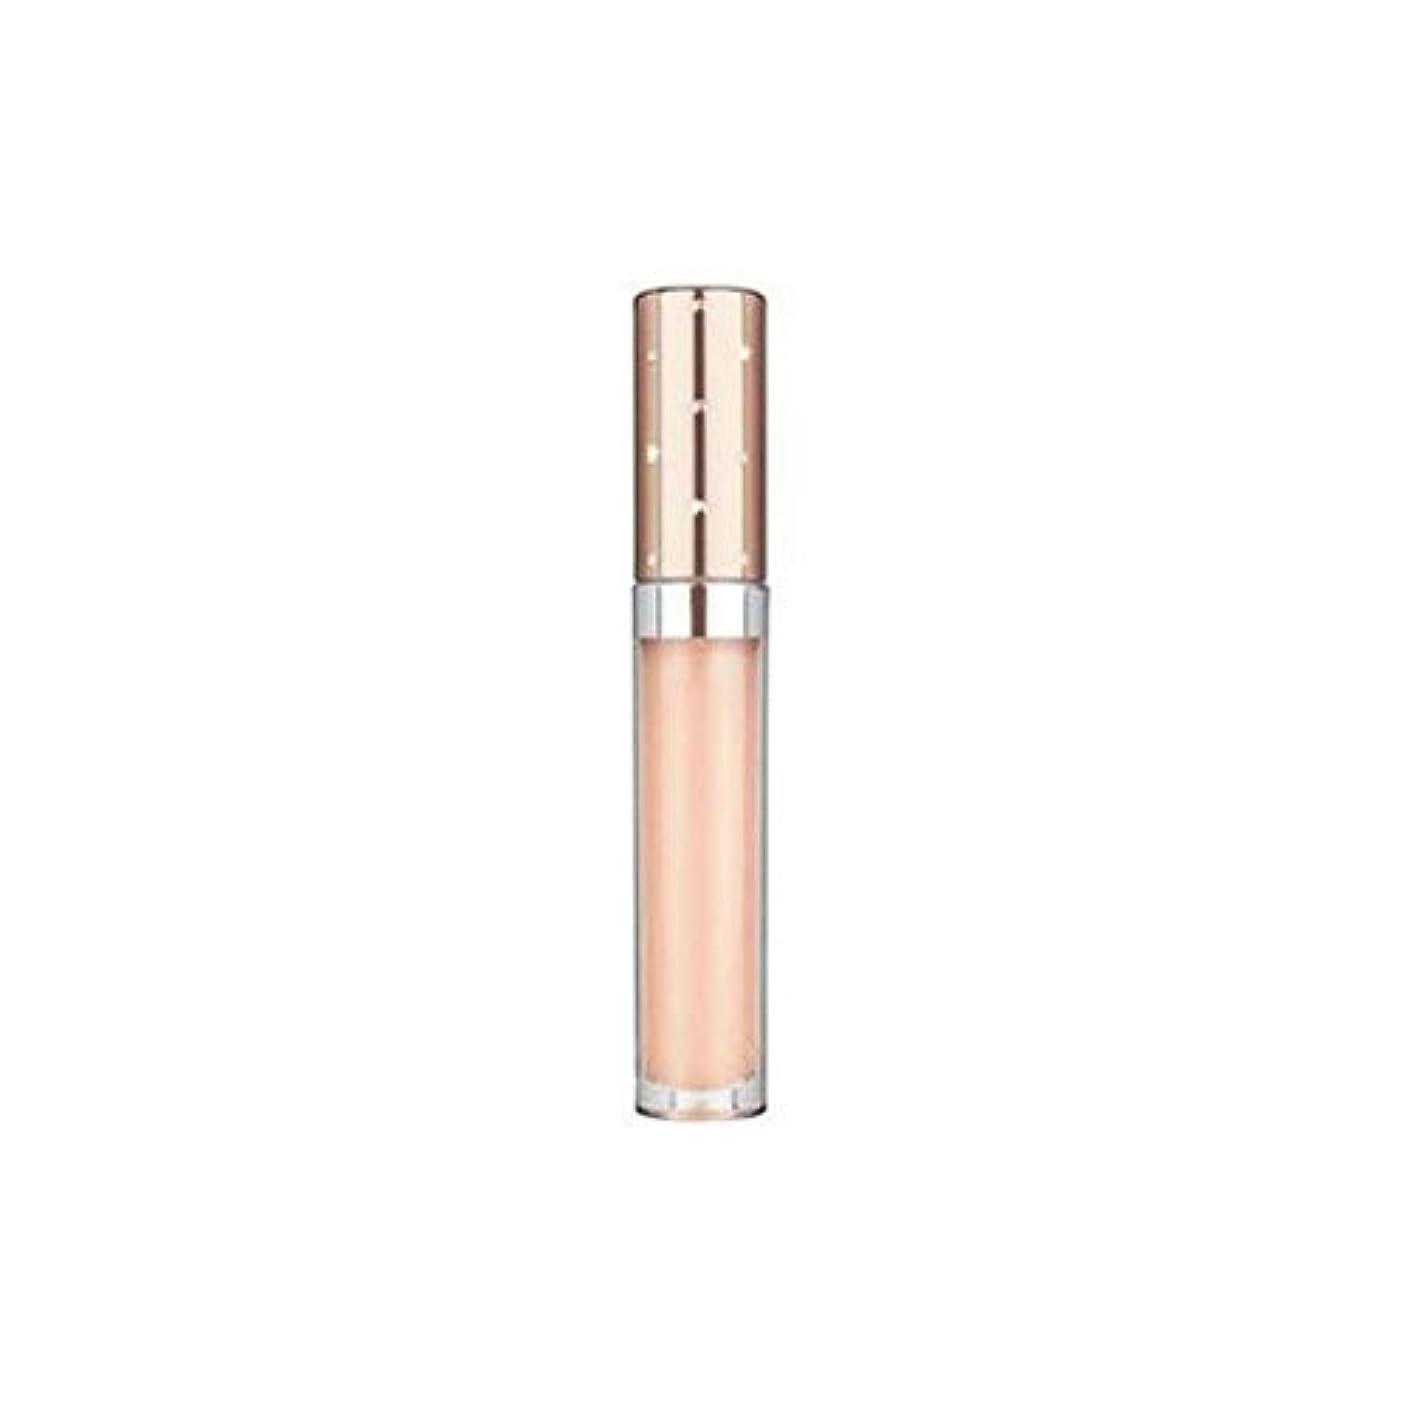 委任期限切れ同様のインスタントリップパーフェクション15(5ミリリットル) x4 - Nubo Instant Lip Perfection Spf15 (5ml) (Pack of 4) [並行輸入品]